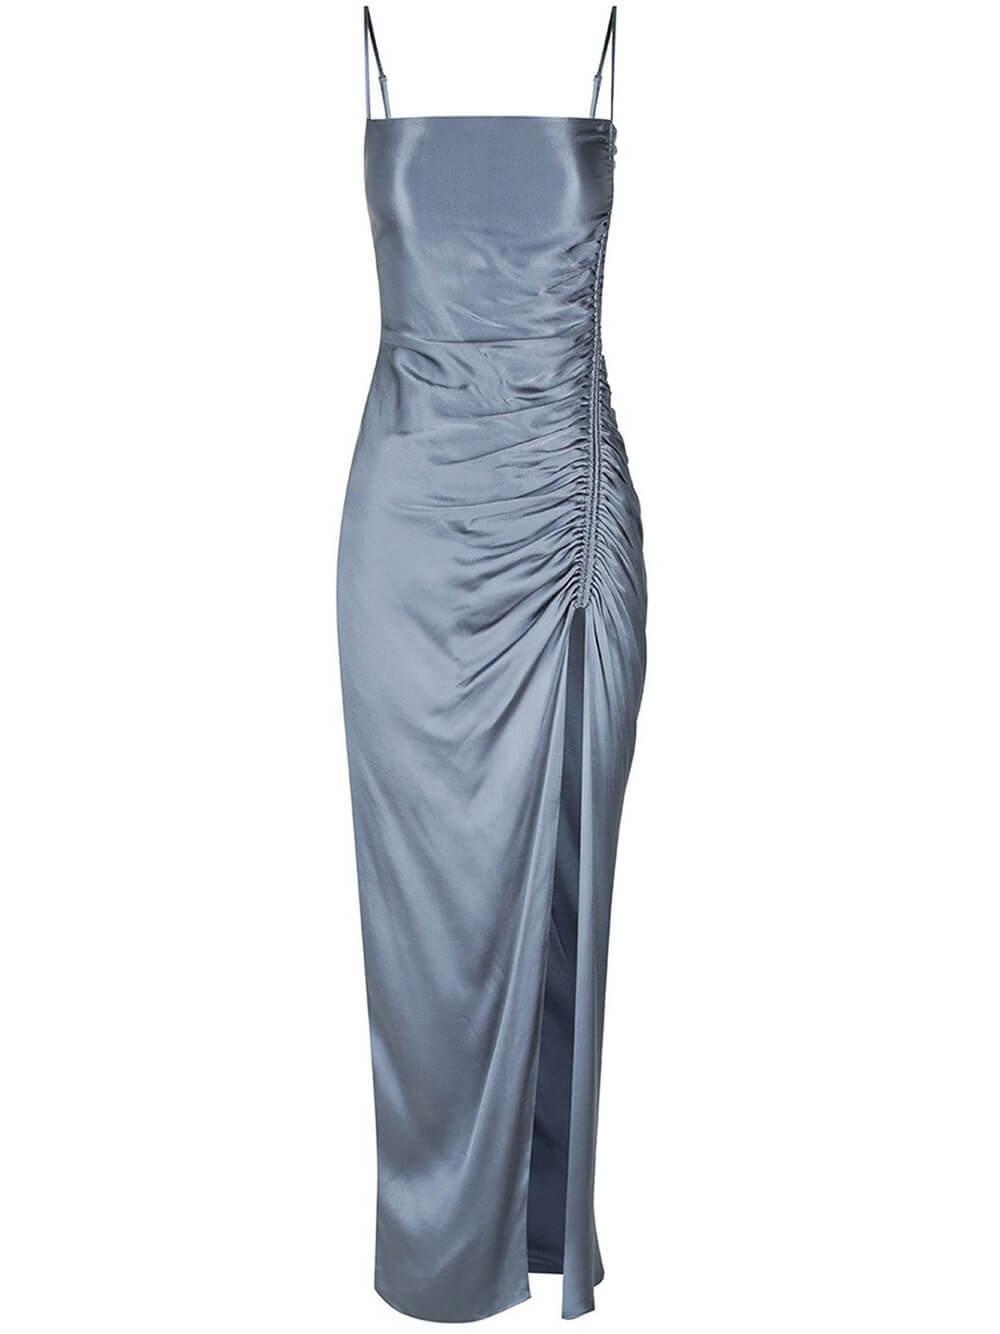 Lily Midi Dress